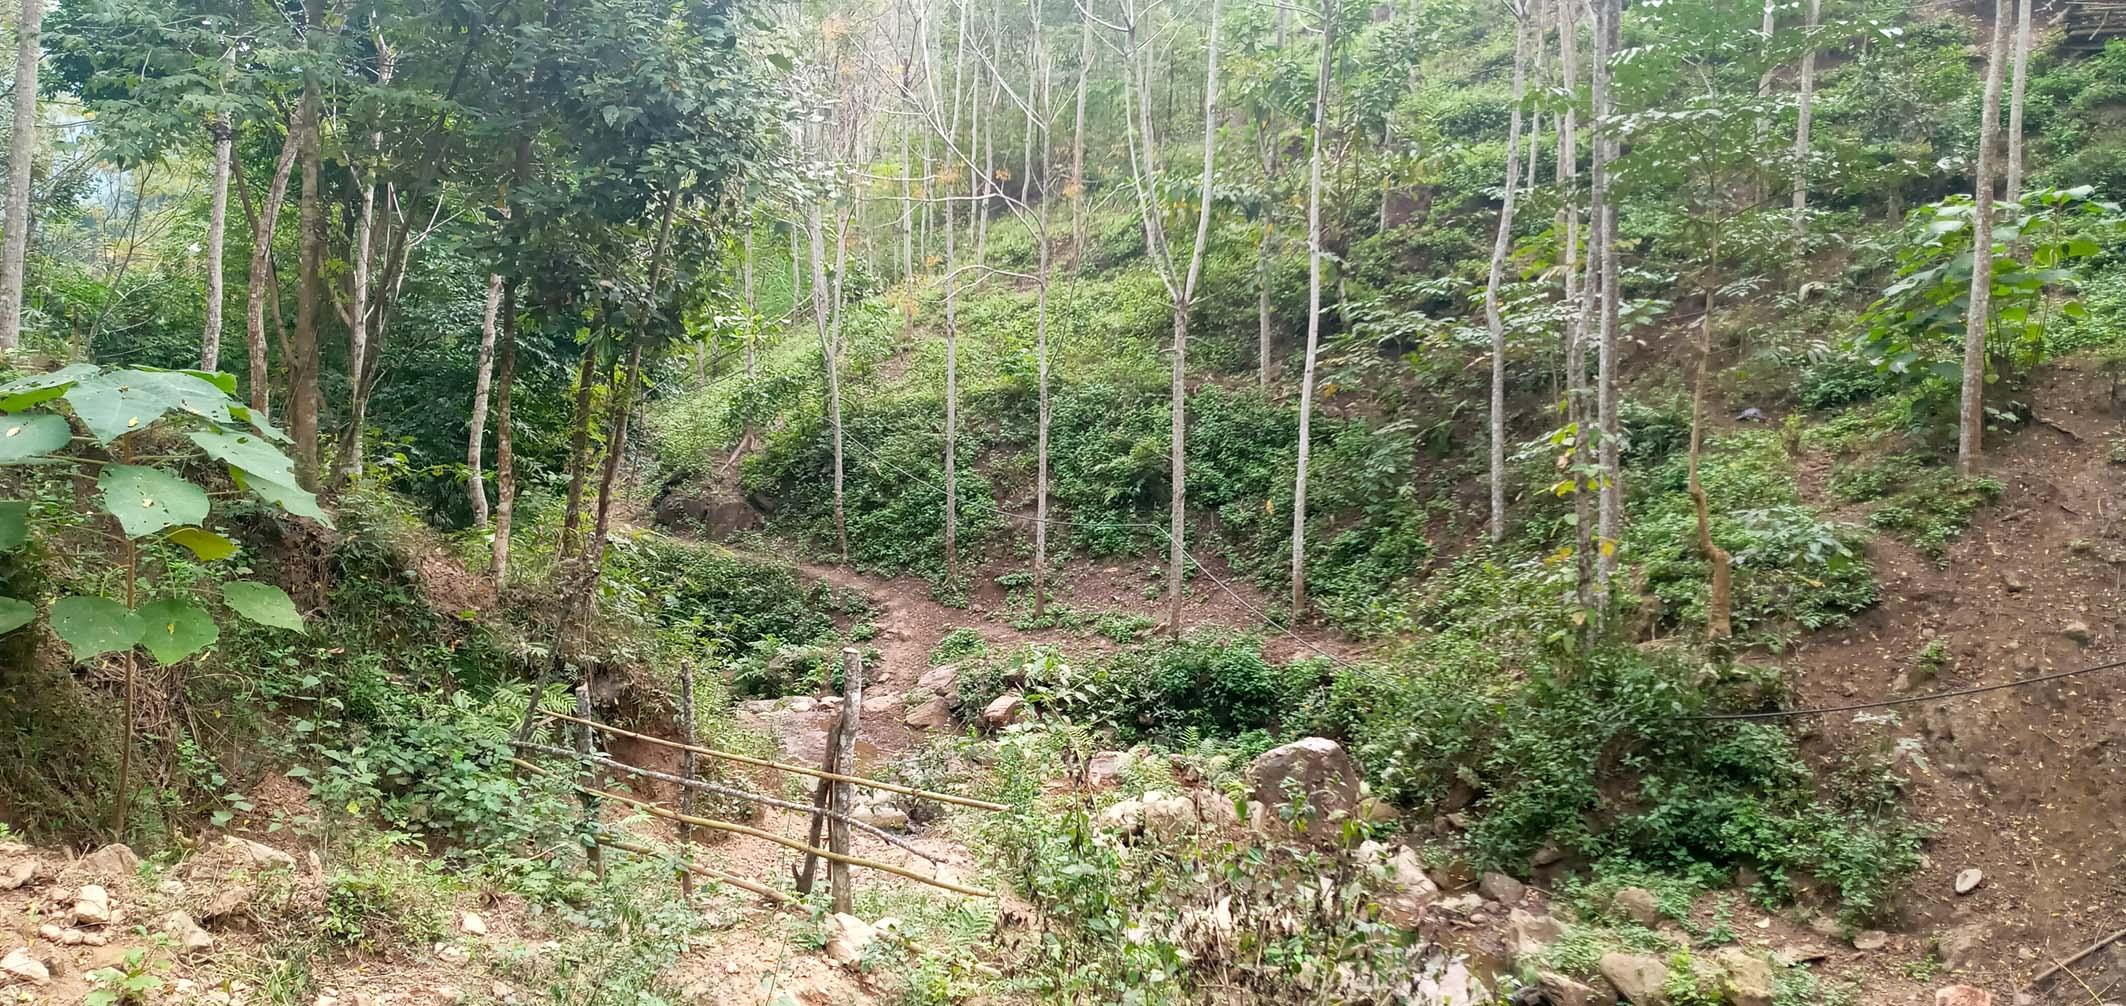 Để có nước sinh hoạt, người dân ở bản Suối Phái, phải dùng nước kéo từ các khe suối trên núi về sử dụng.